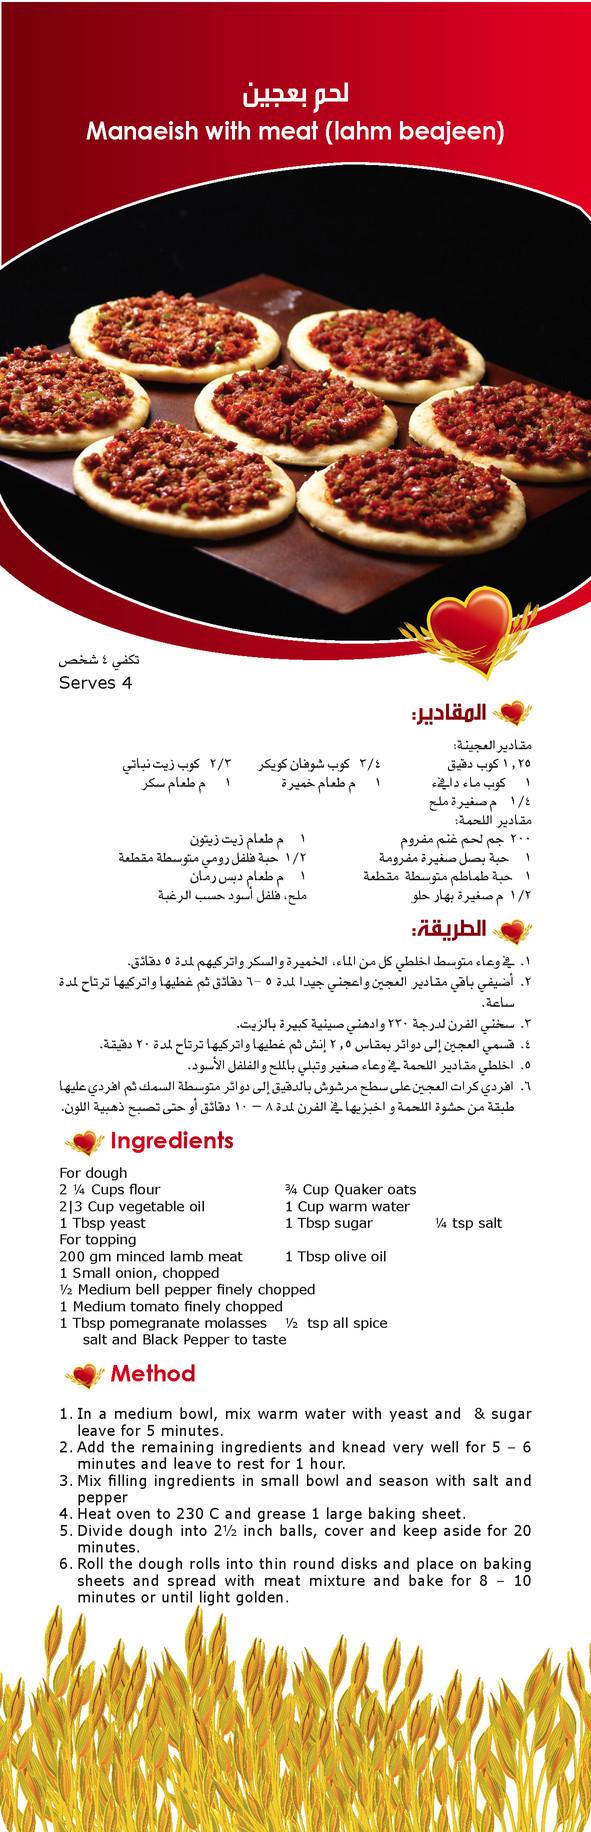 اطباق روووعة و سهلة التحضير 1a0b219776.jpg